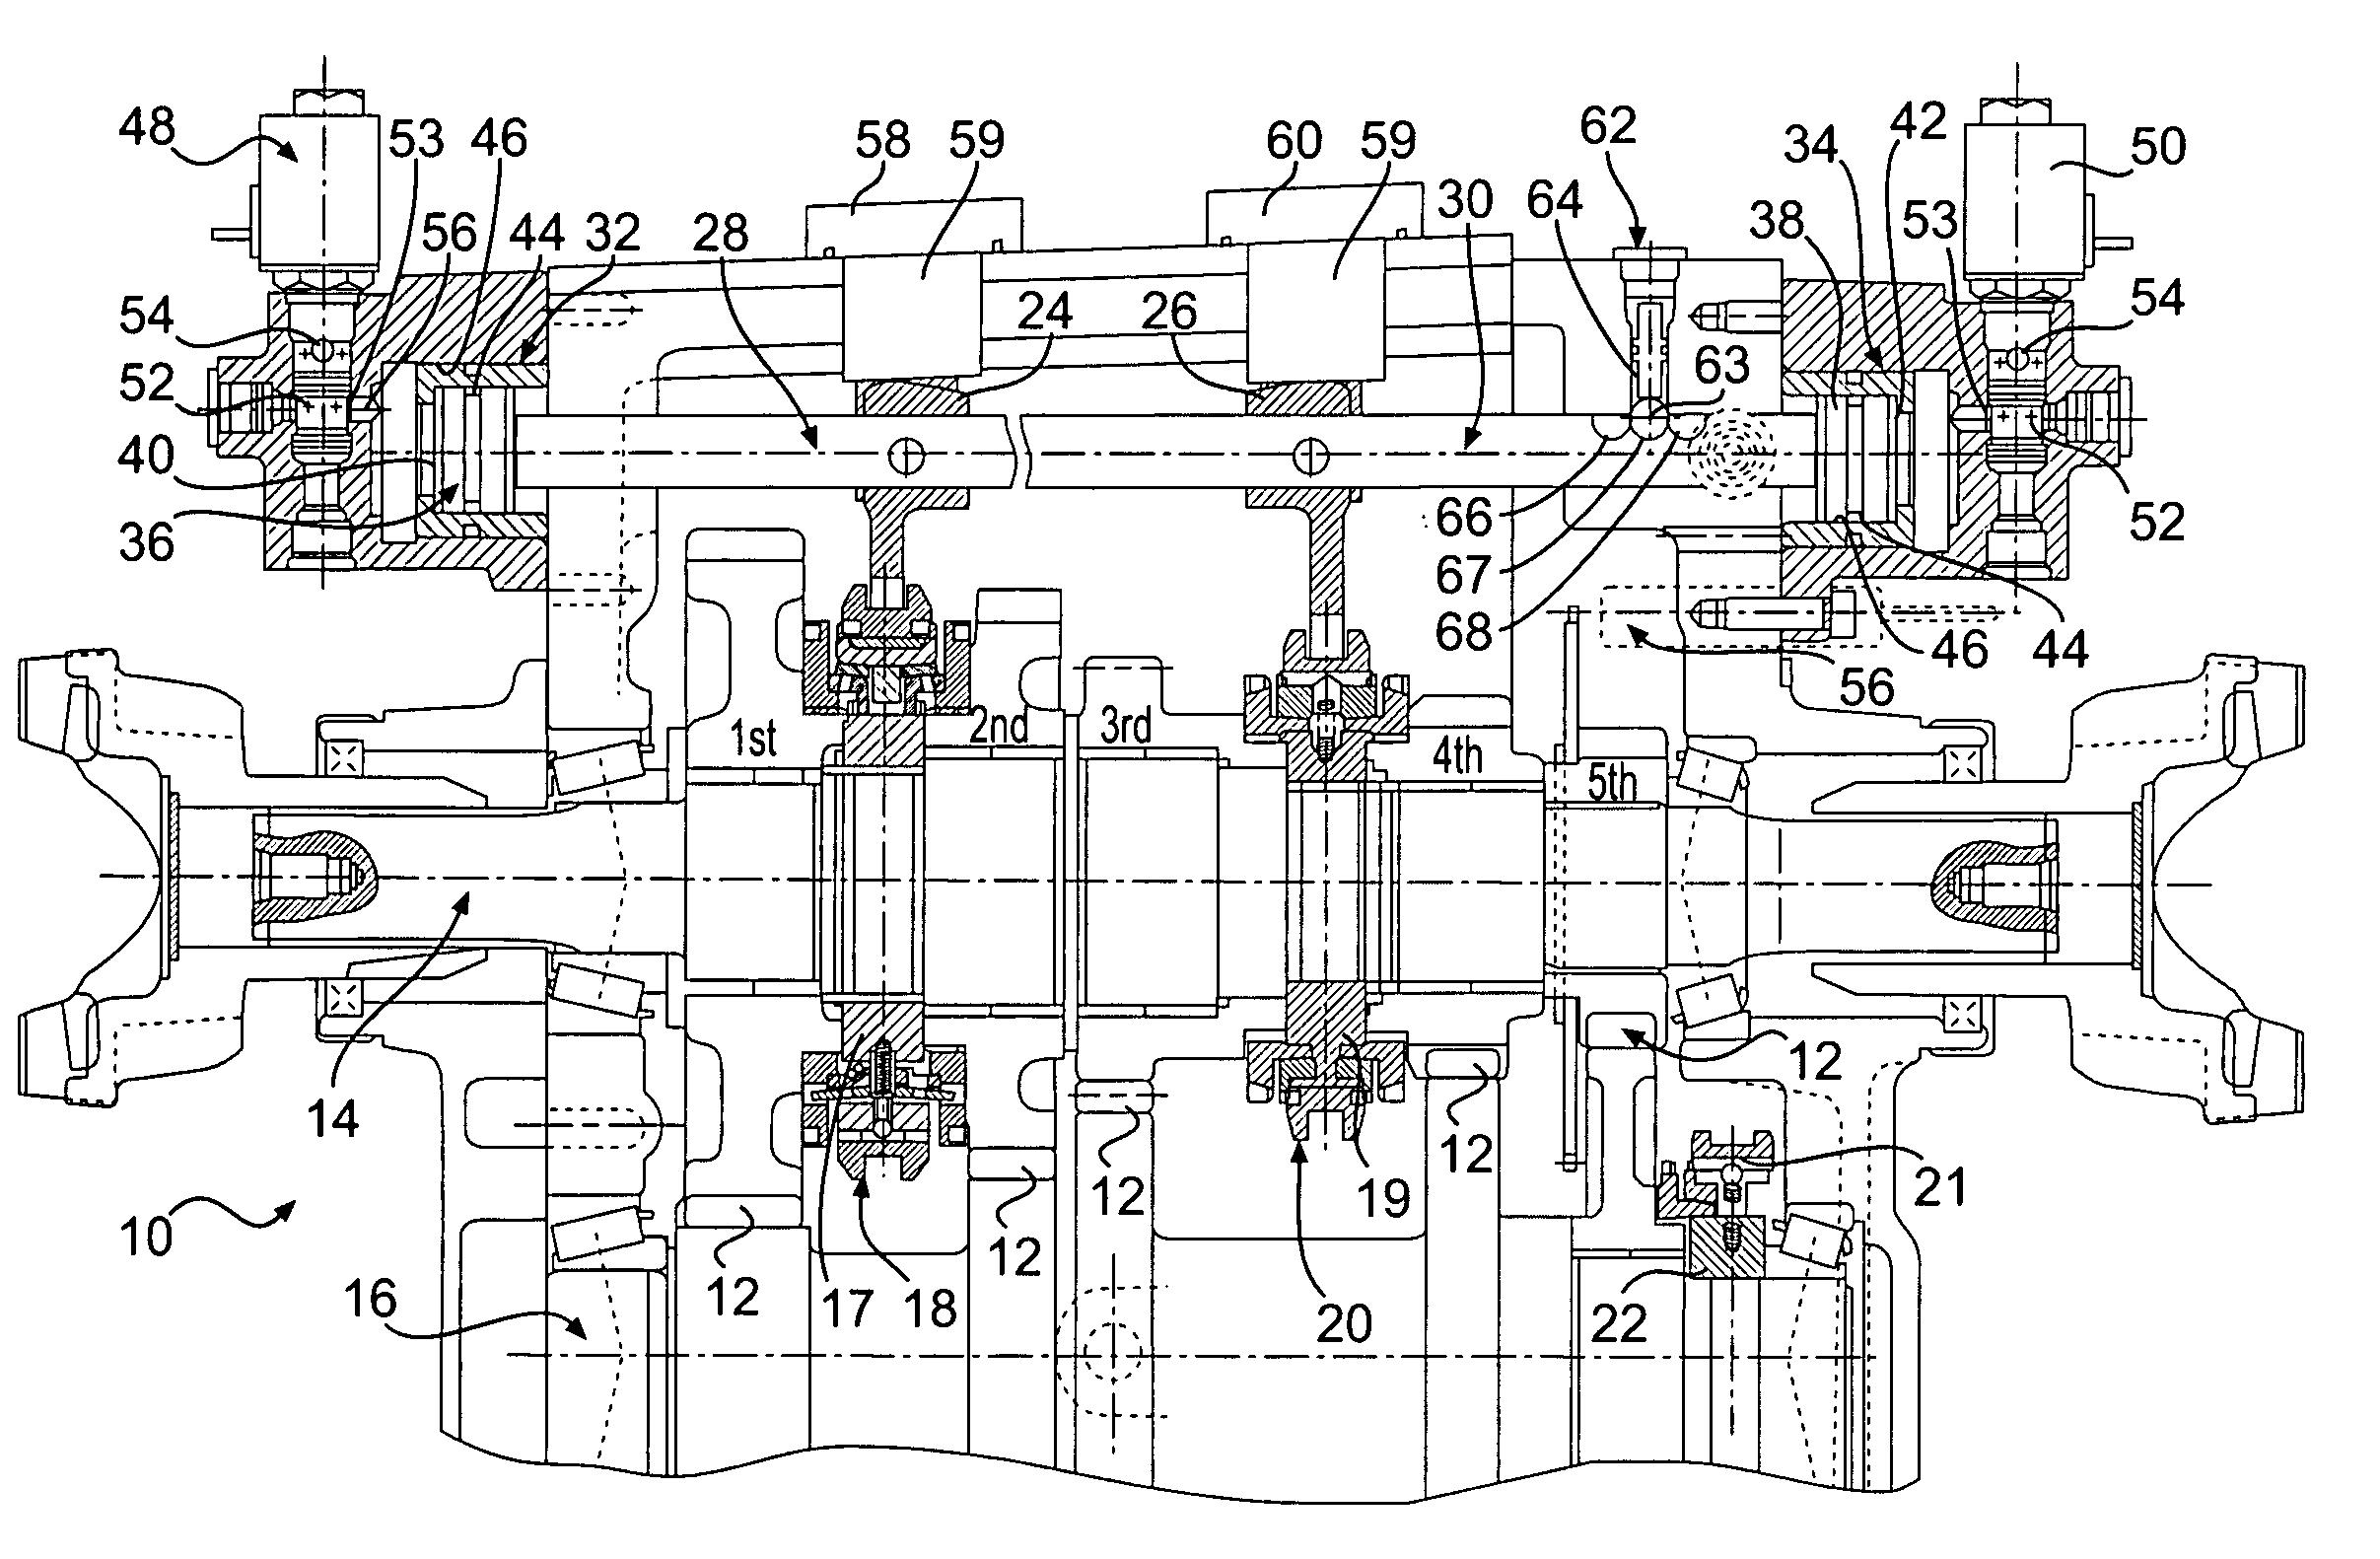 wiring schematic for allison md 3060 schematic for pump